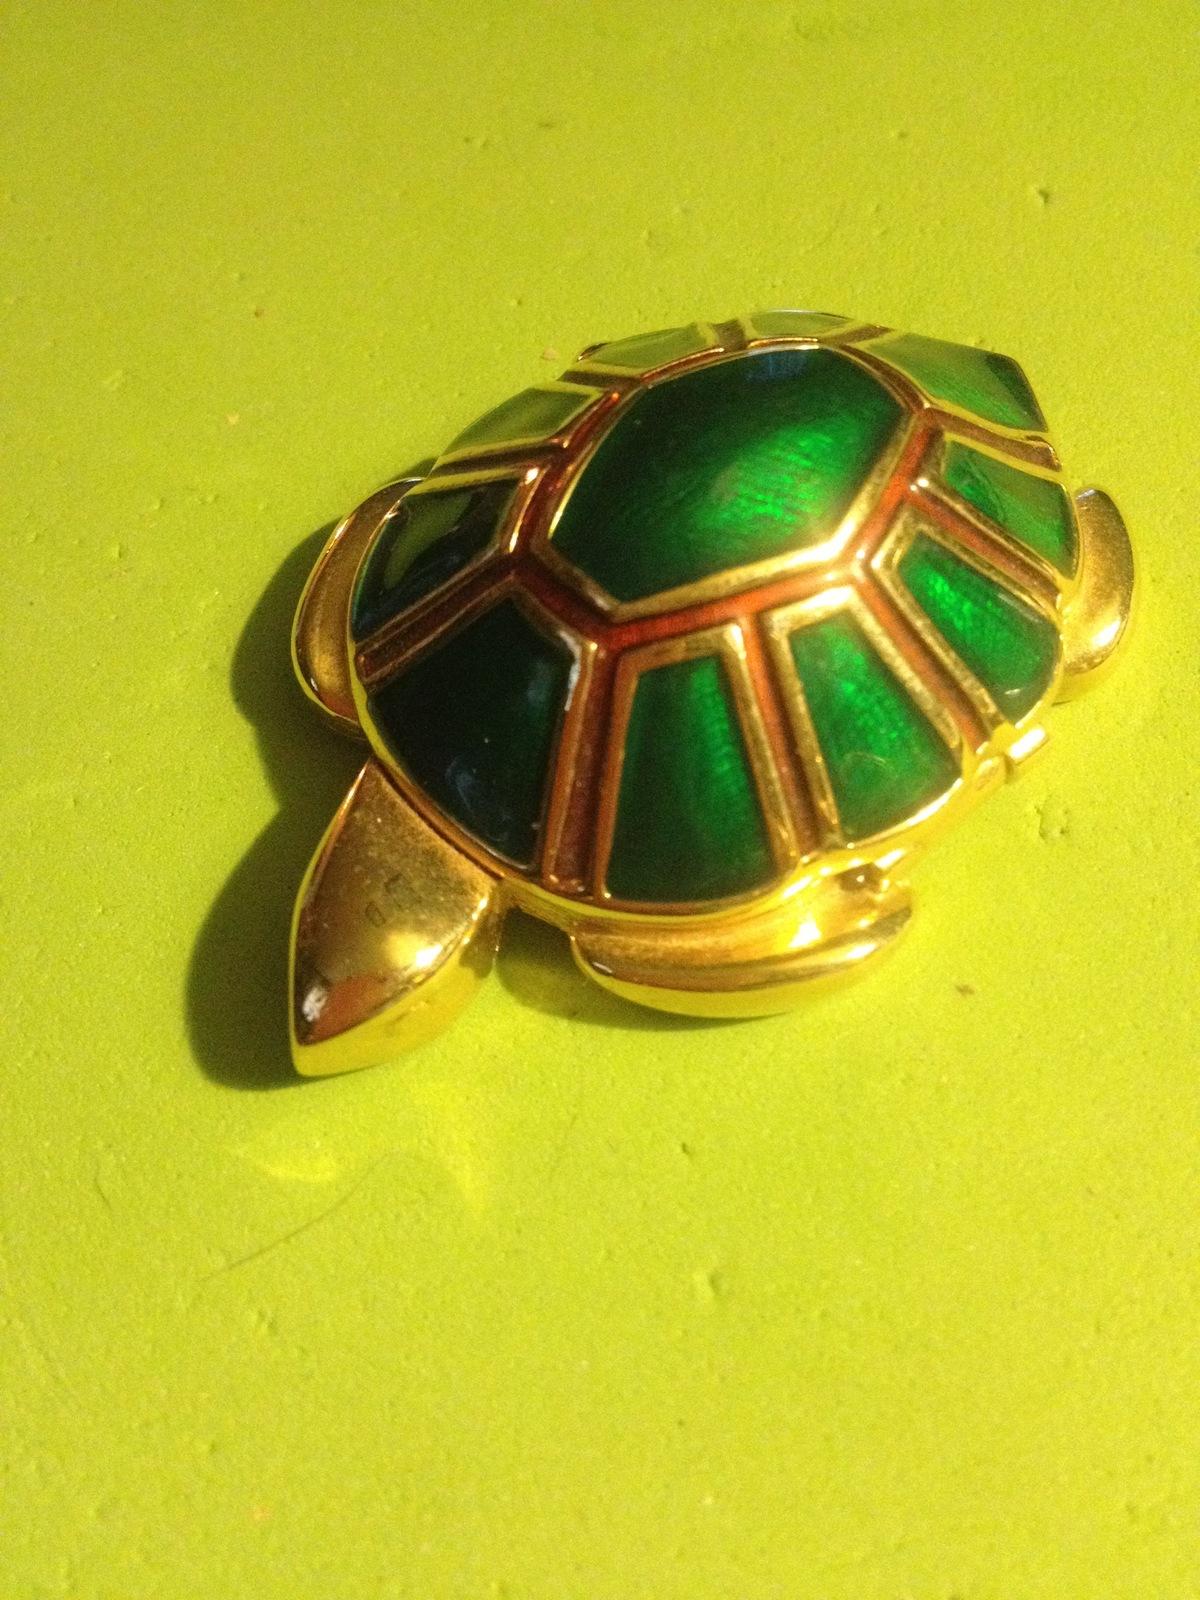 Estee lauder turtle